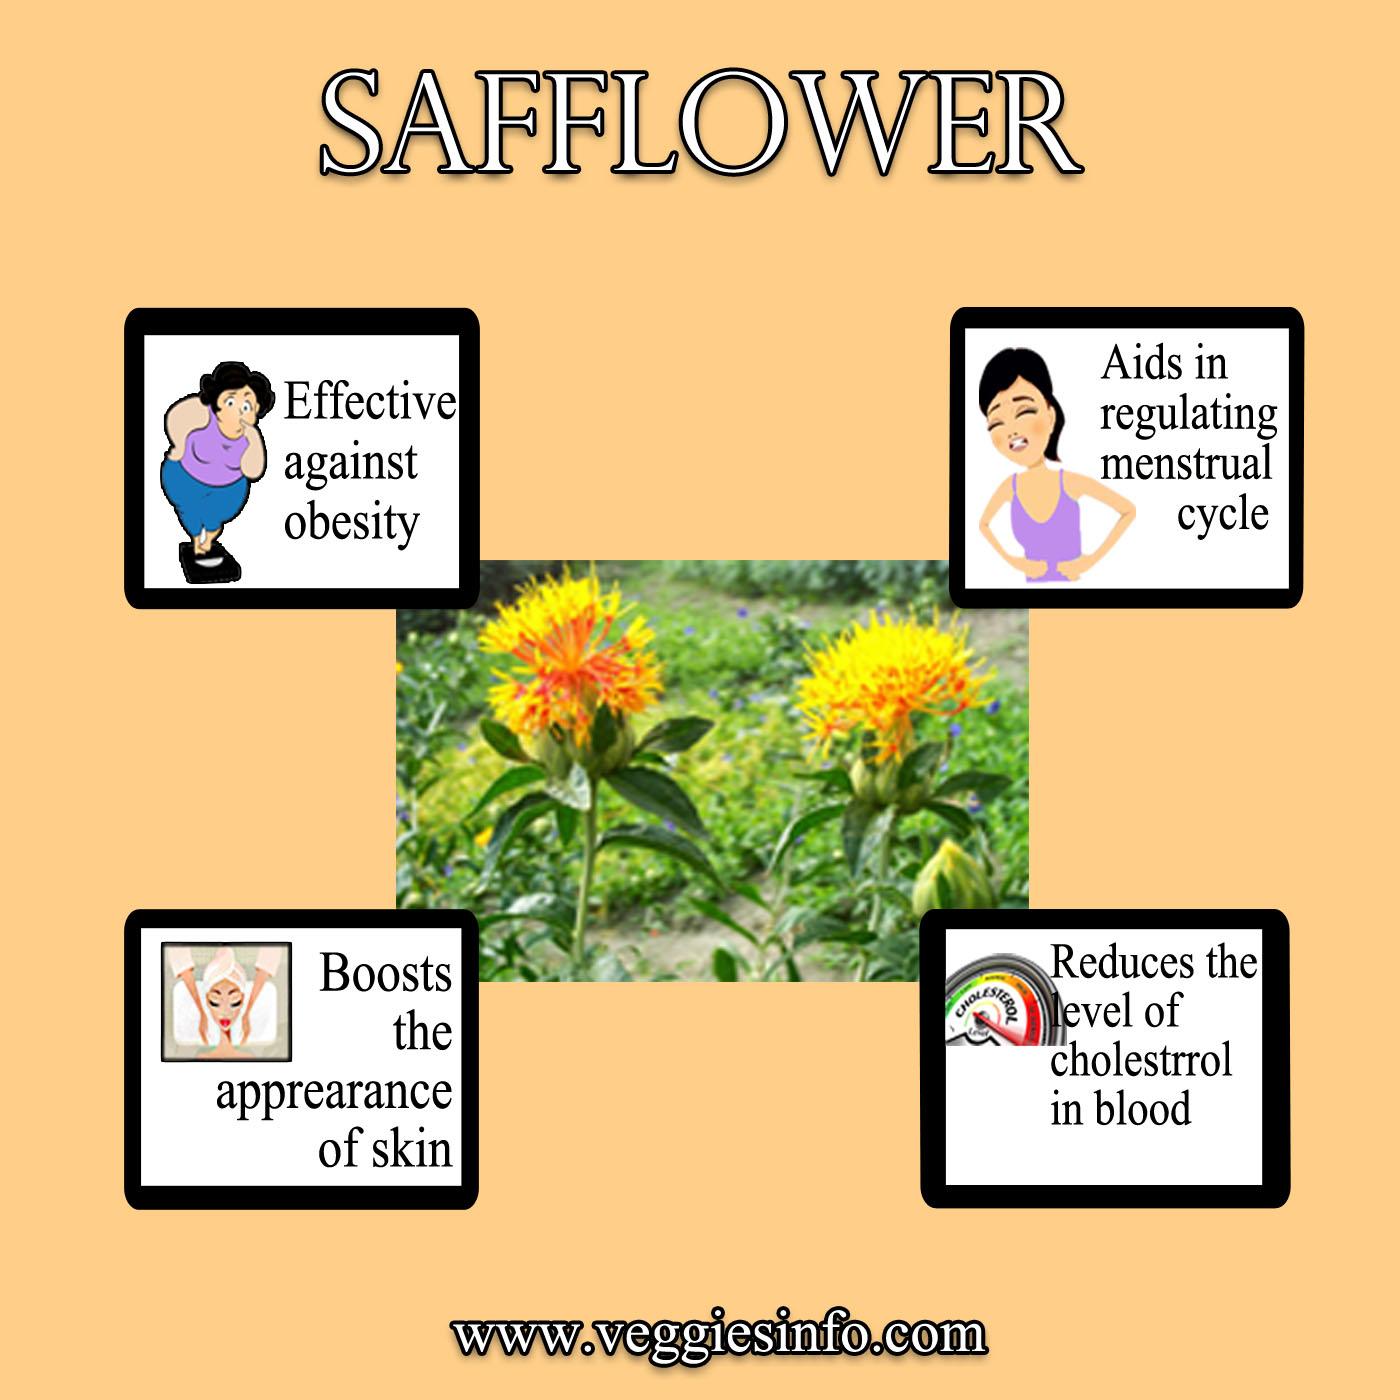 Safflower Health Benefits